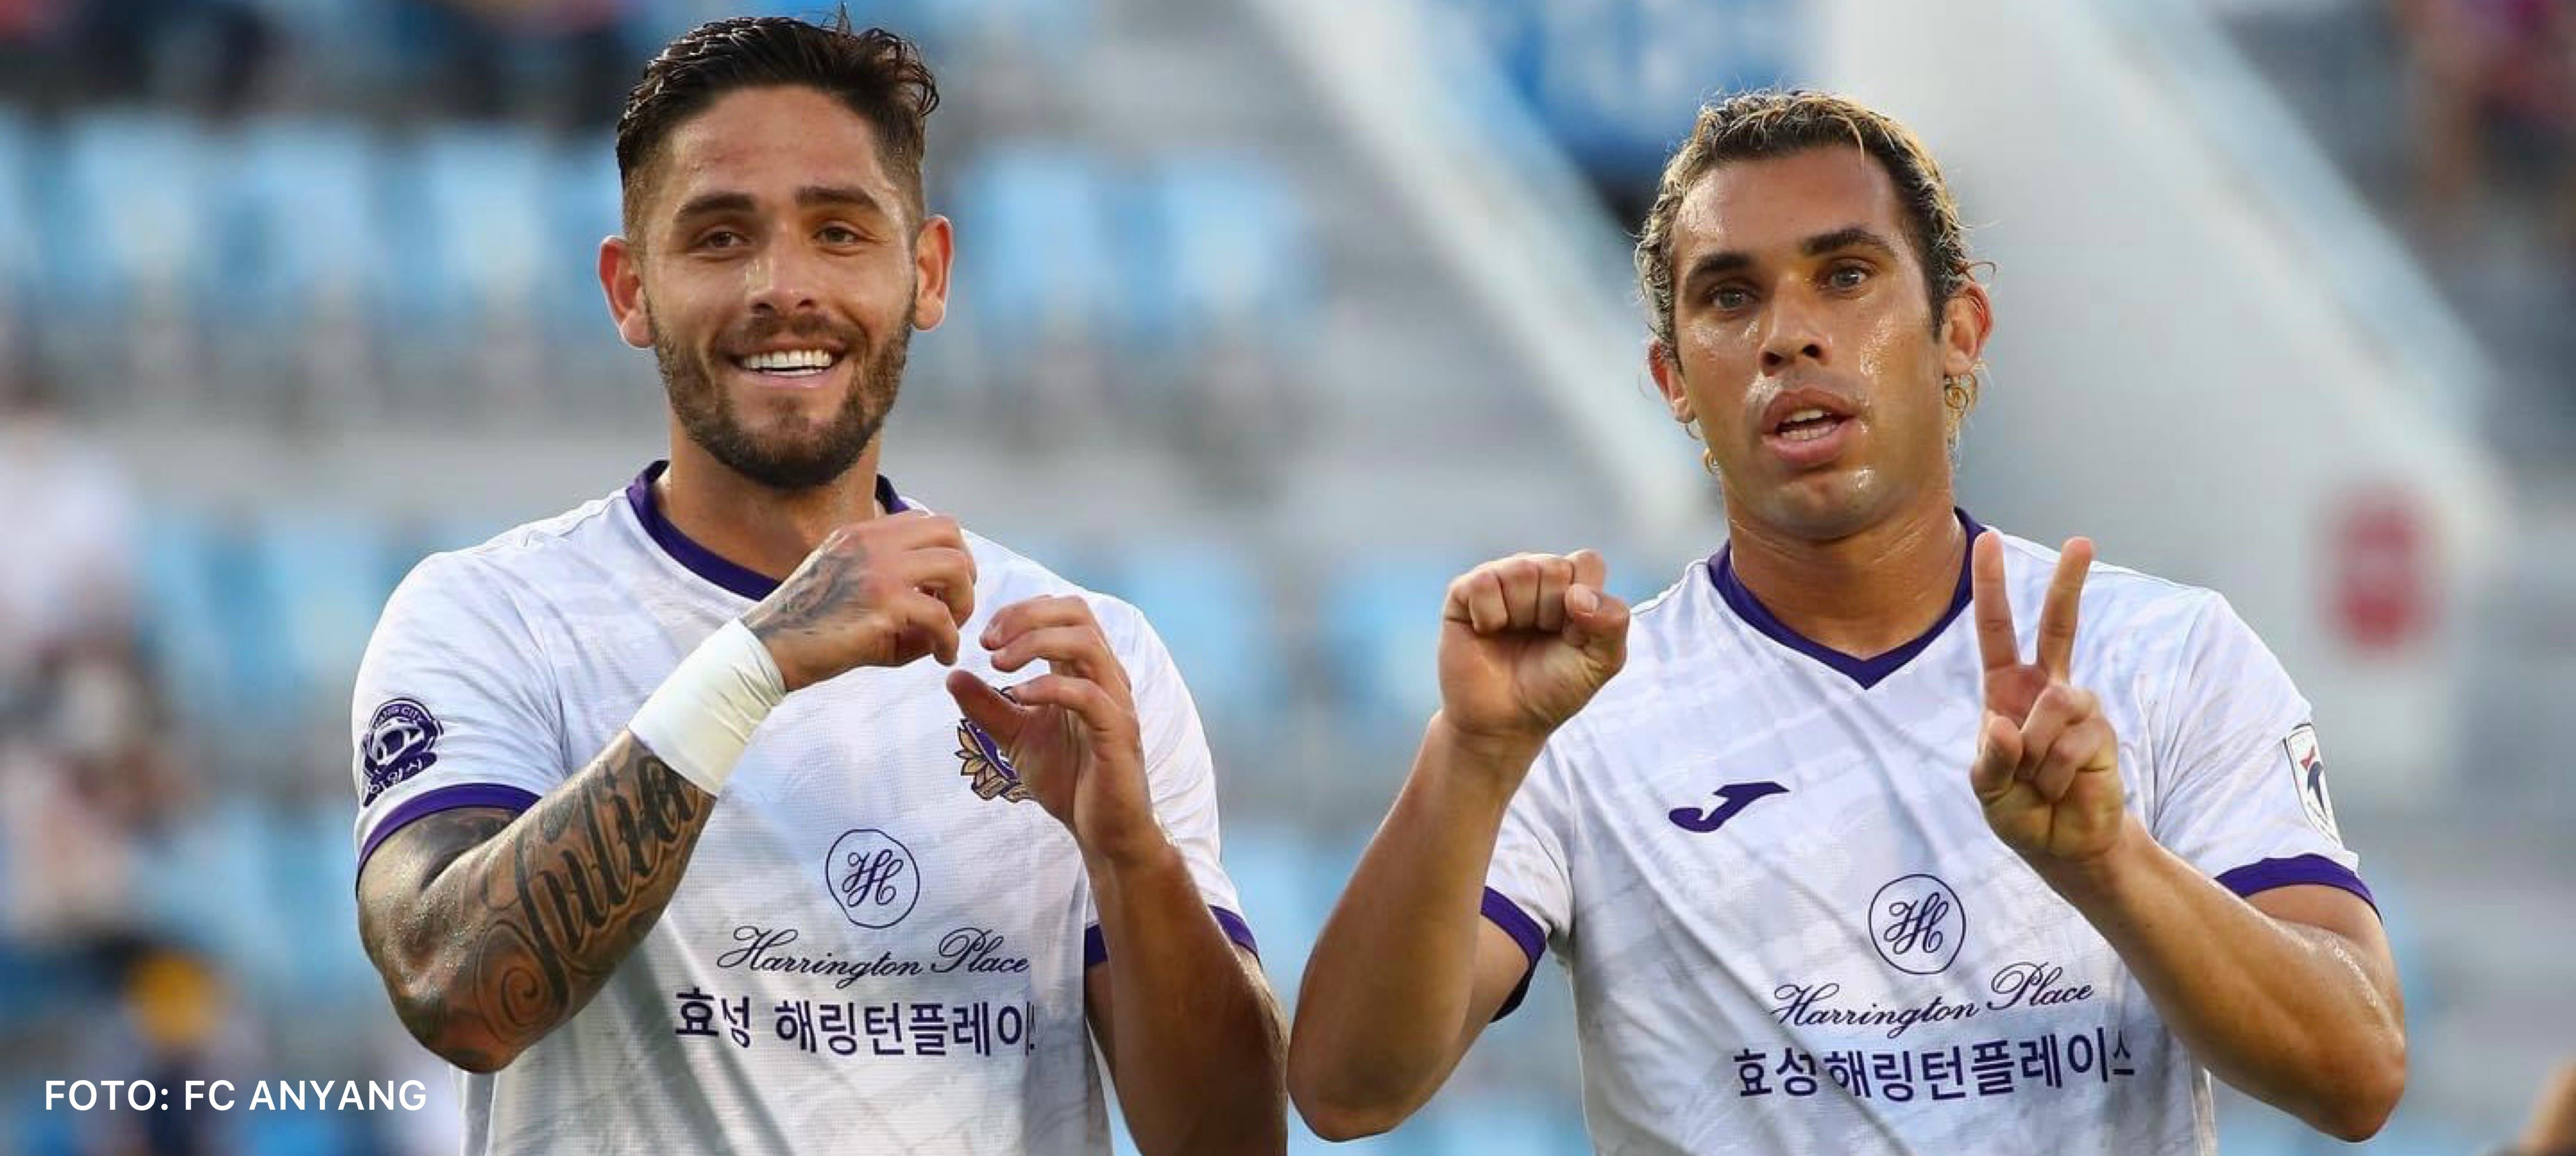 Moya anotó doblete en victoria del Anyang 4-5 sobre Busan